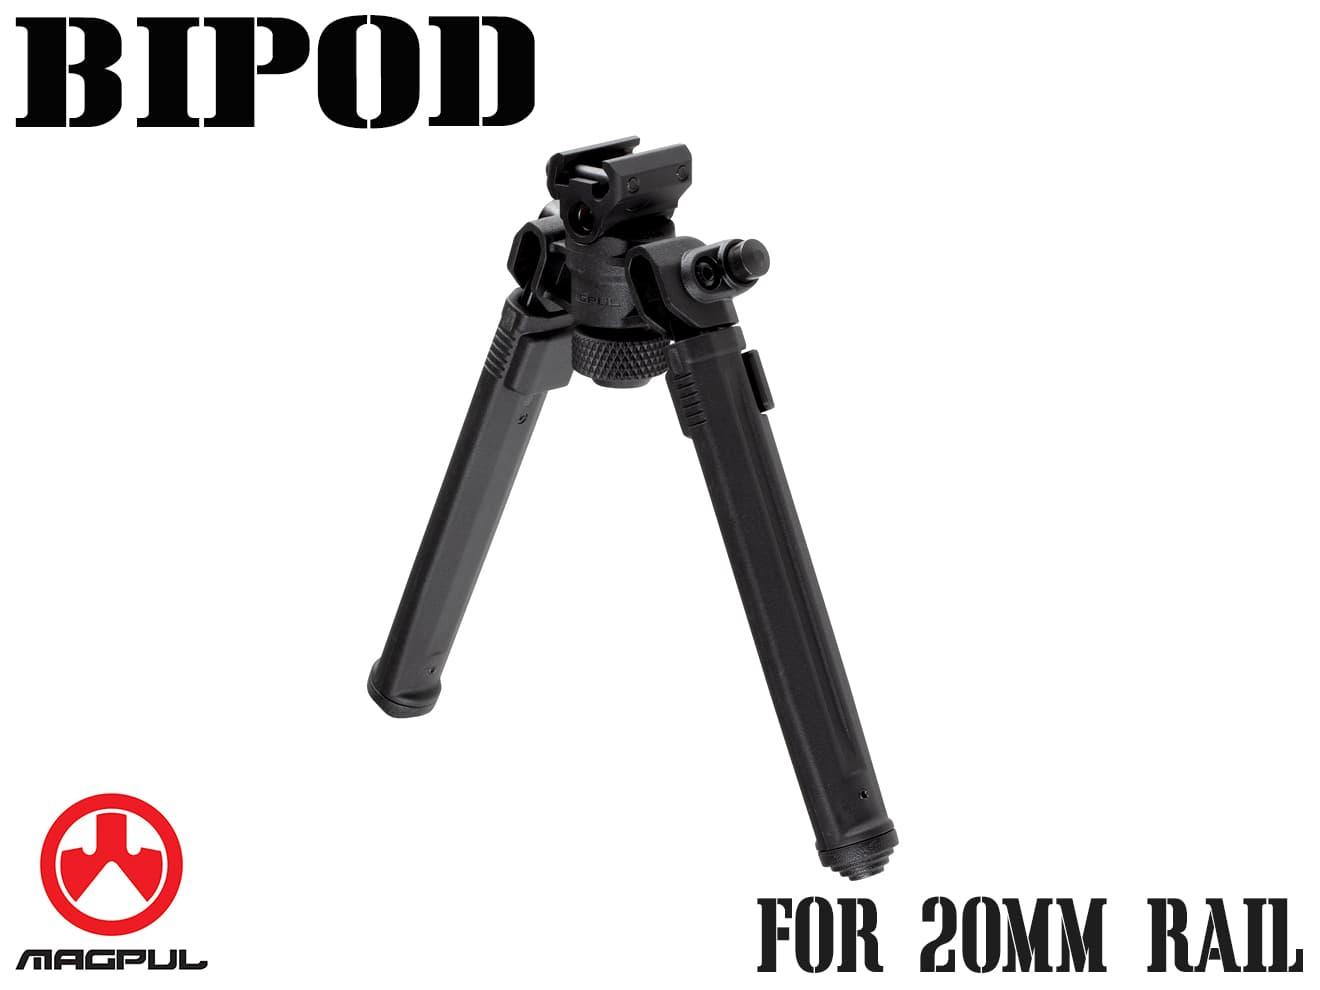 Magpul バイポッド for 20mmレール◆BK マグプル正規品 20mmレイル対応 7段階調整 可変長 6.3インチ~10.3インチ 丈夫 軽量 MA558490307